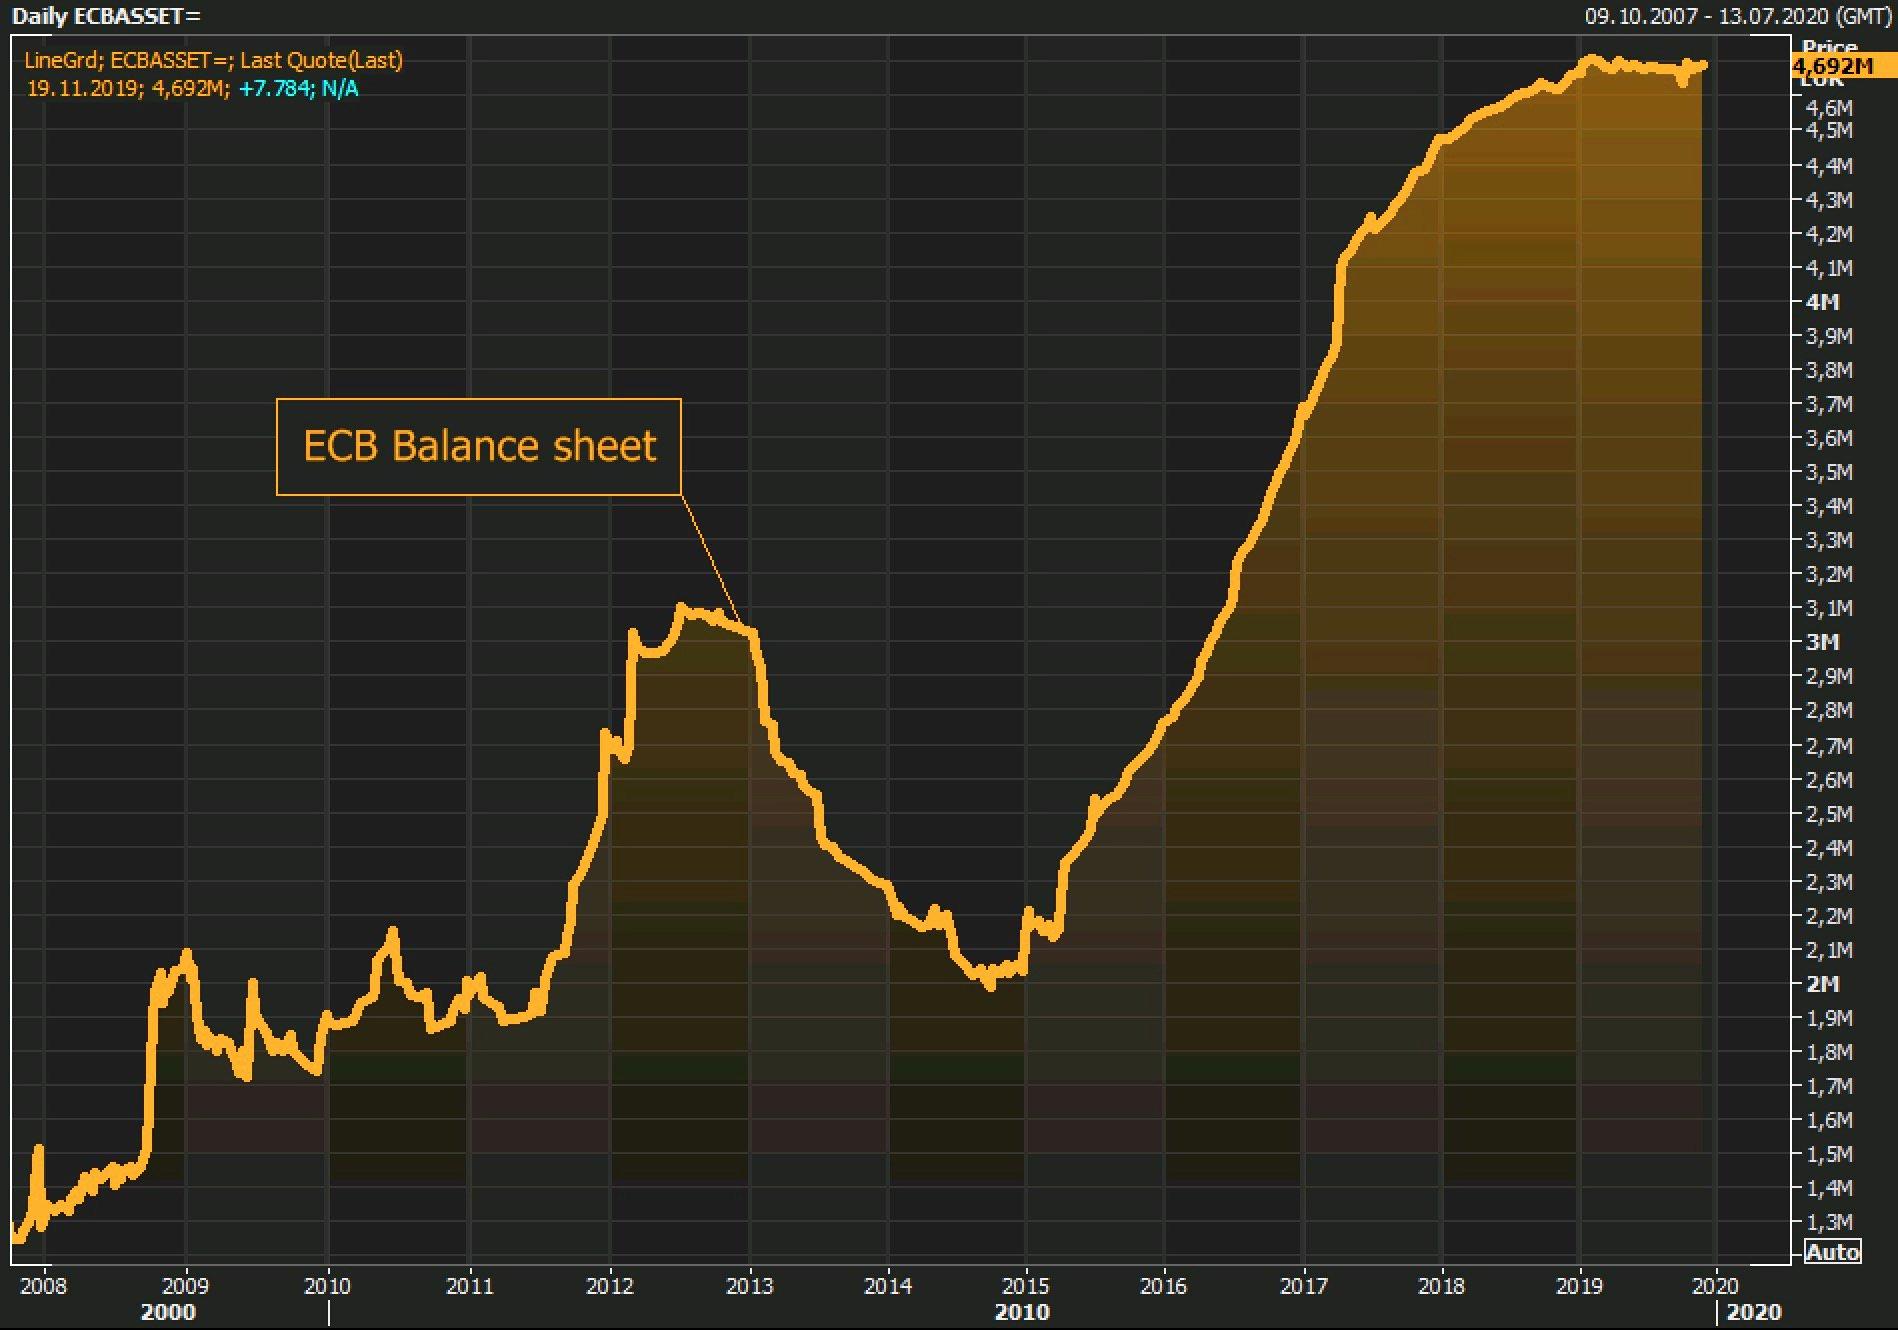 La taille du Bilan de la BCE a enflé de 7,8 milliards € et atteint désormais 4691,9 milliards €, soit 40,6% du Pib de la zone euro